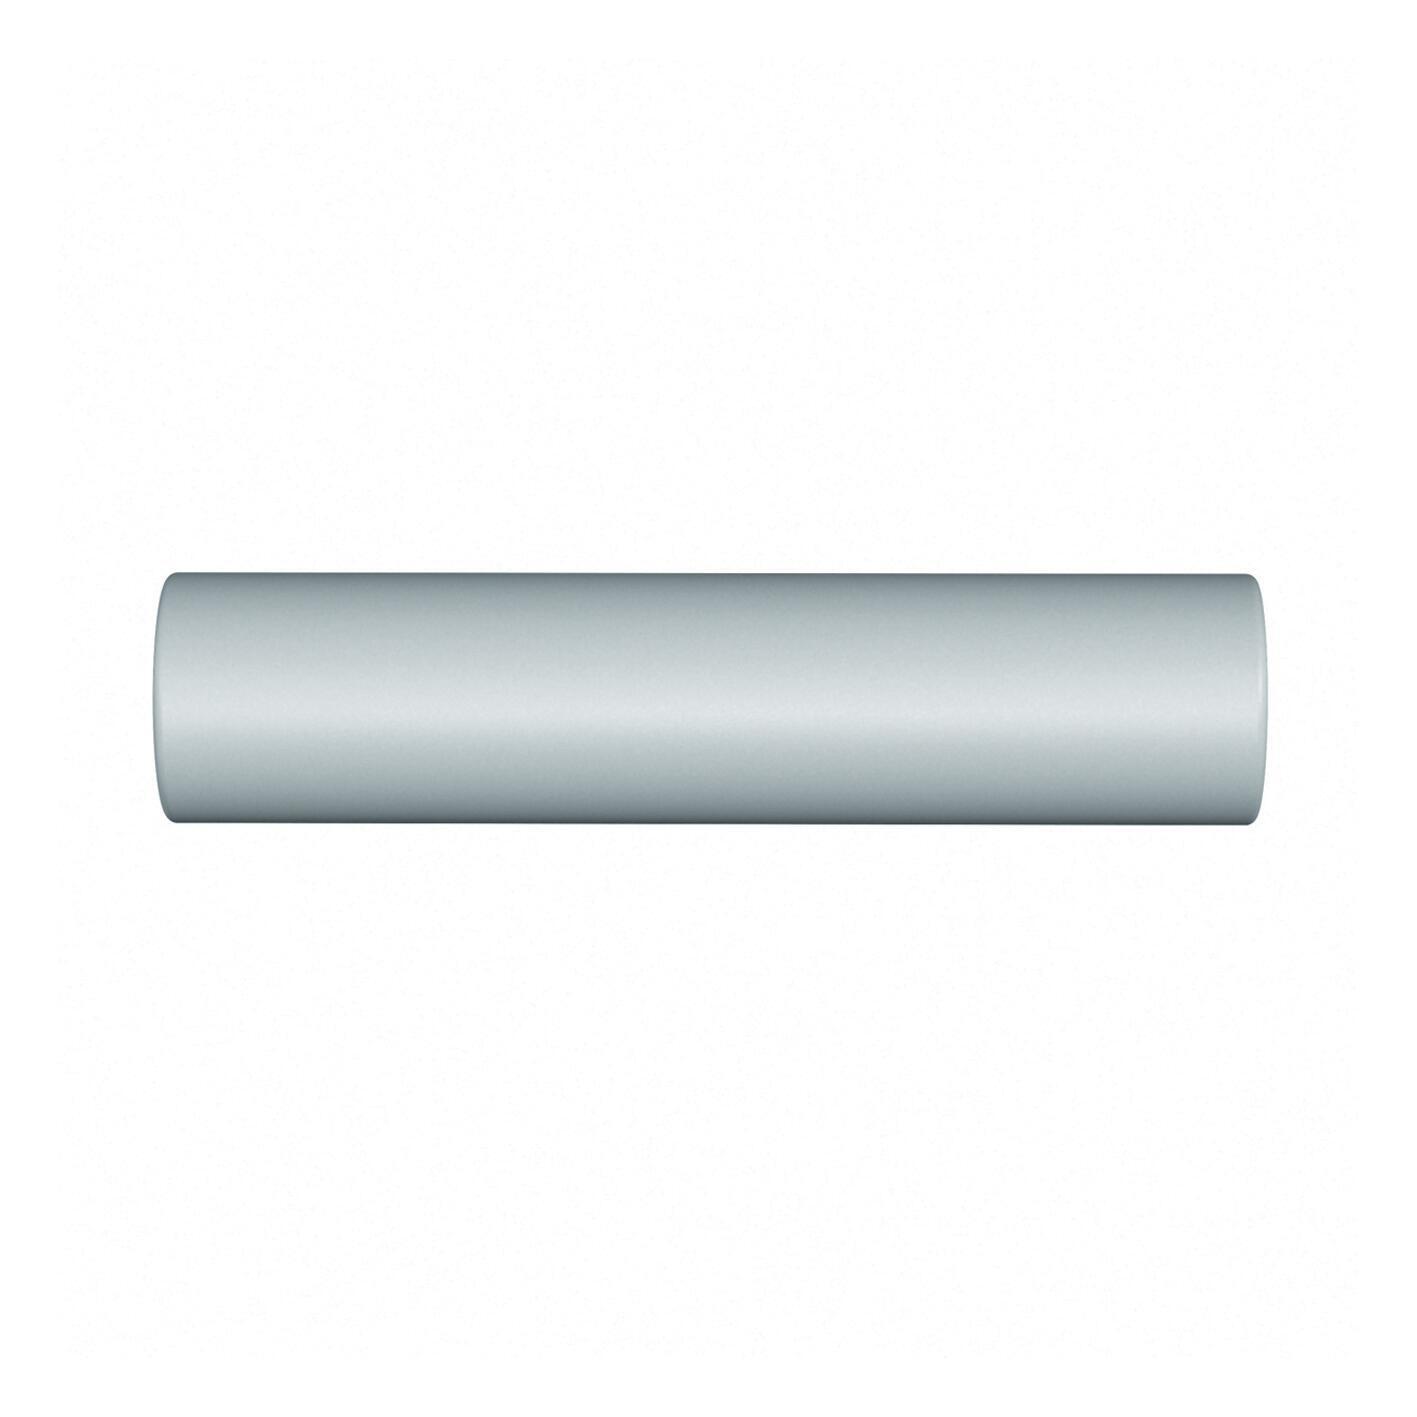 Bastone per tenda Sweet in legno Ø 28 mm bianco laccato 250 cm